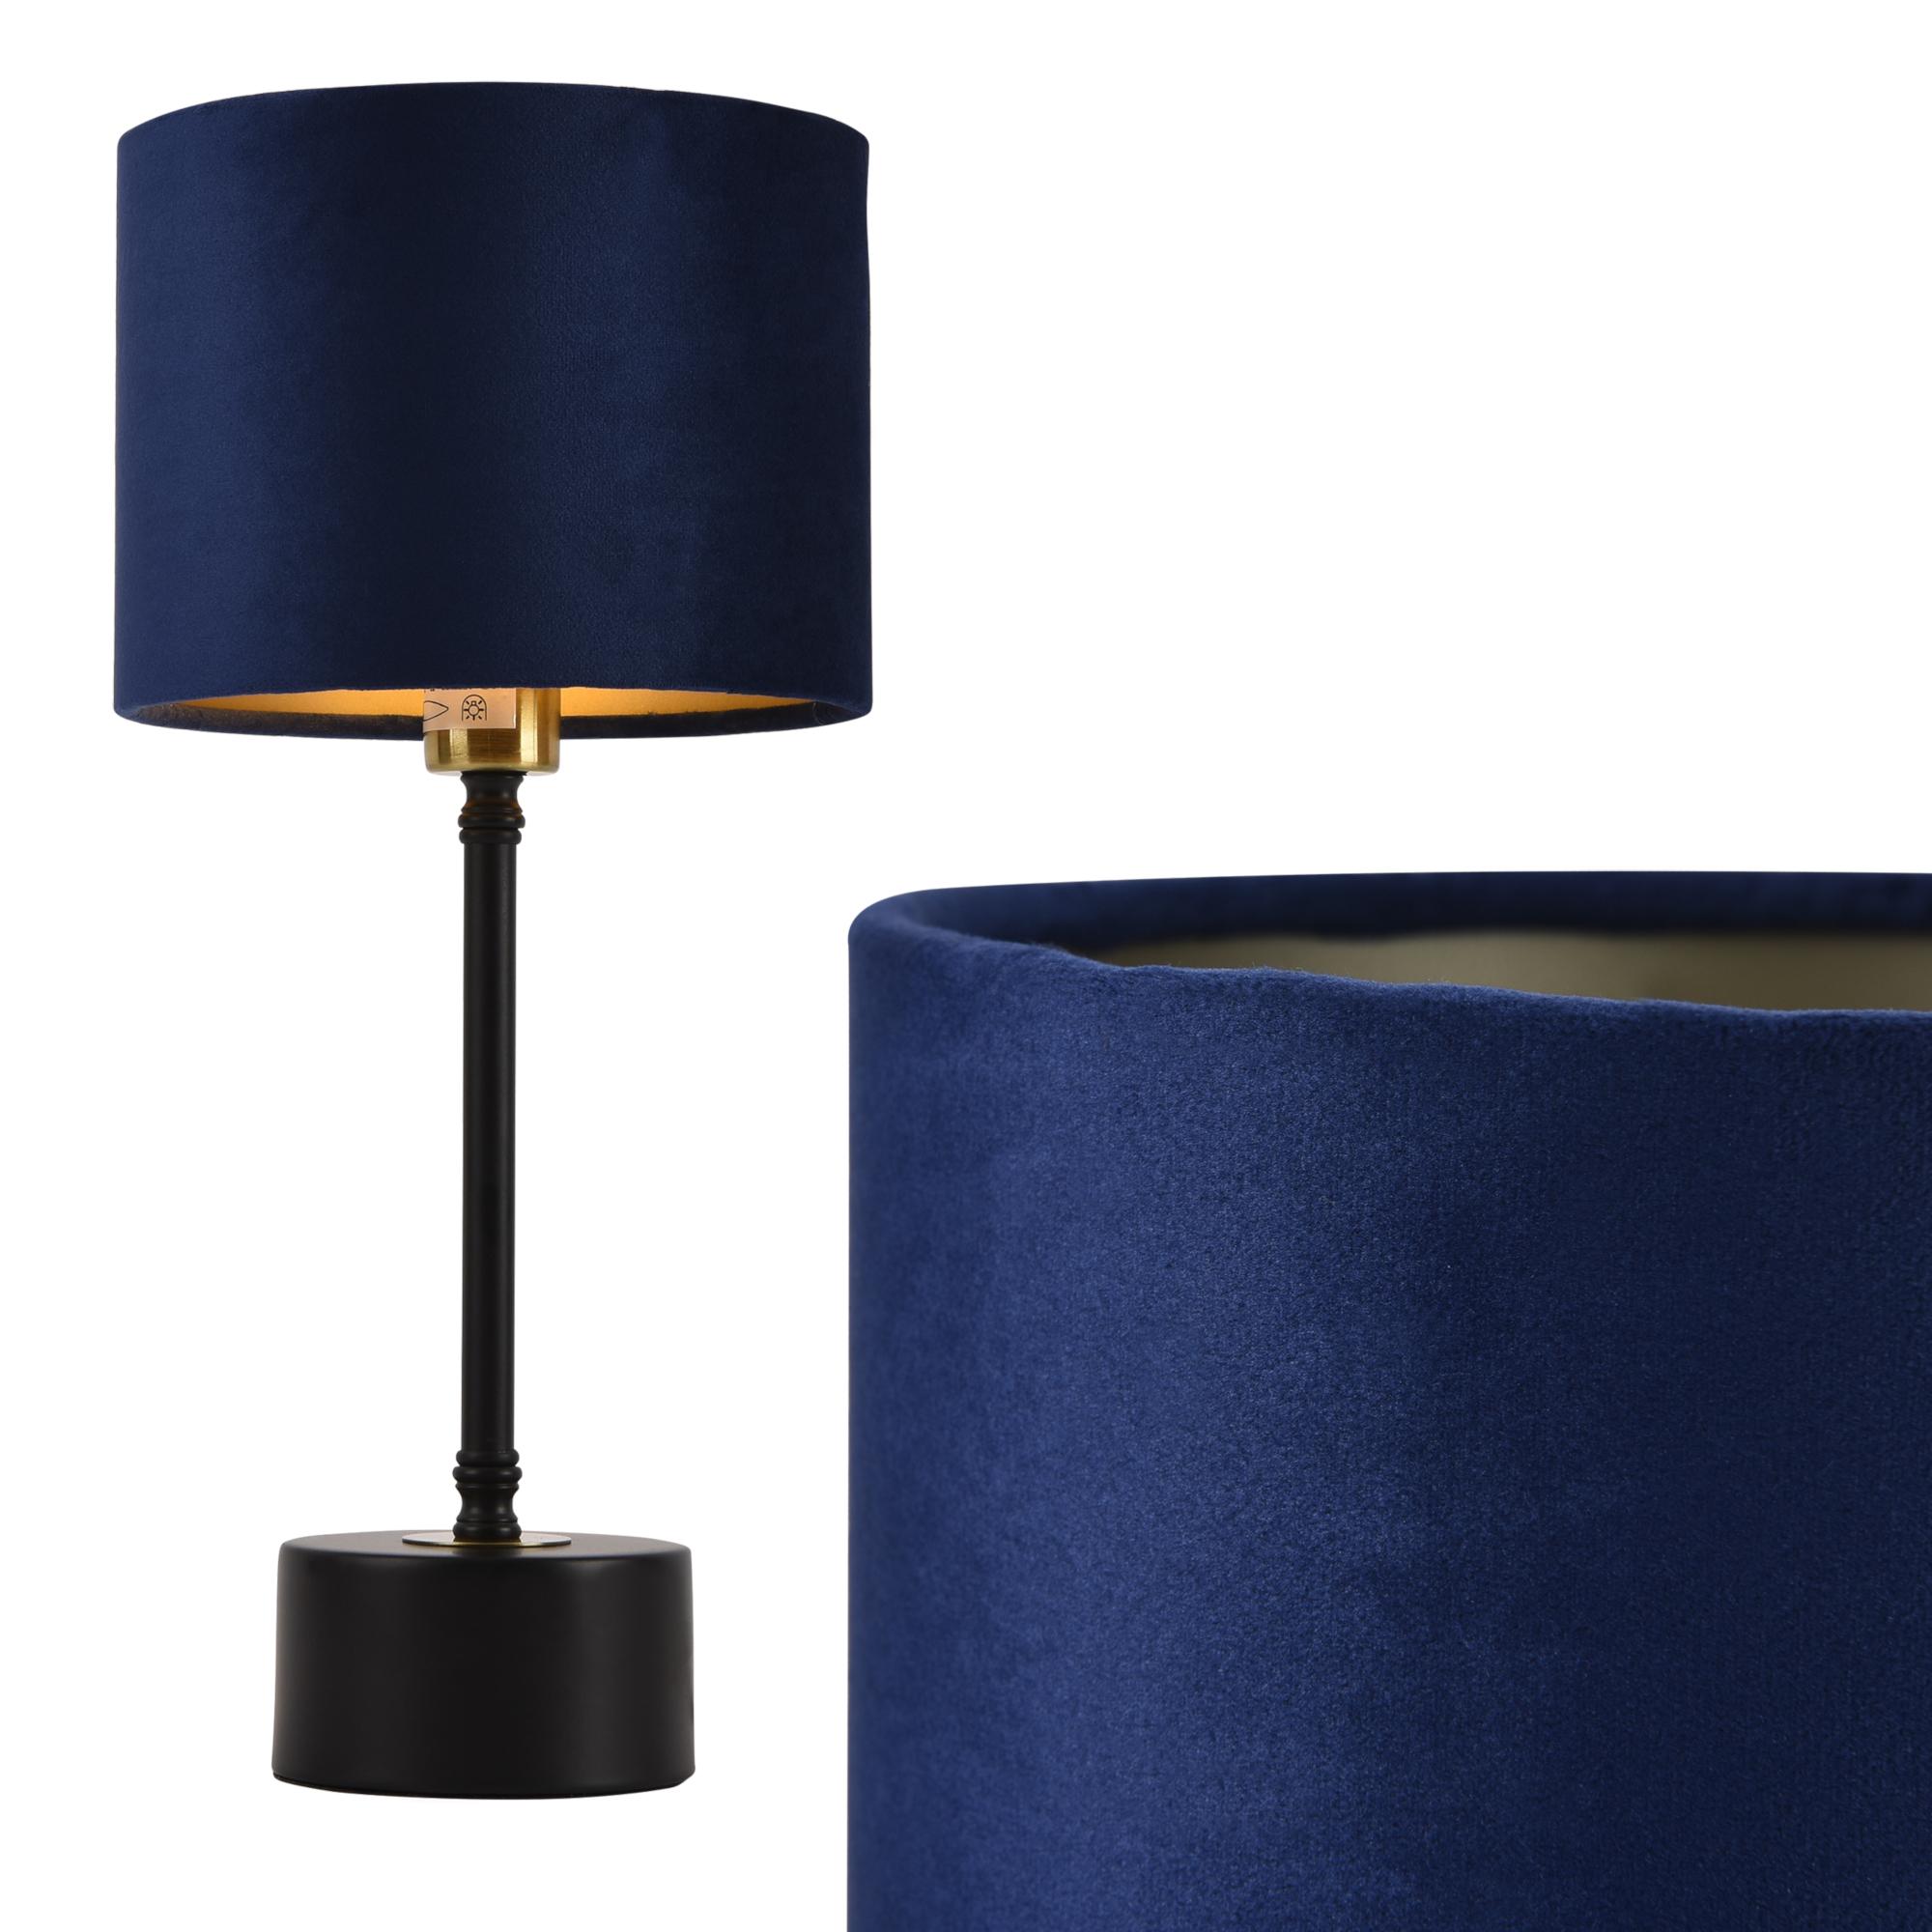 Tischleuchte Wohnzimmer Flur Wohnraumleuchten LED Design Tischlampe modern